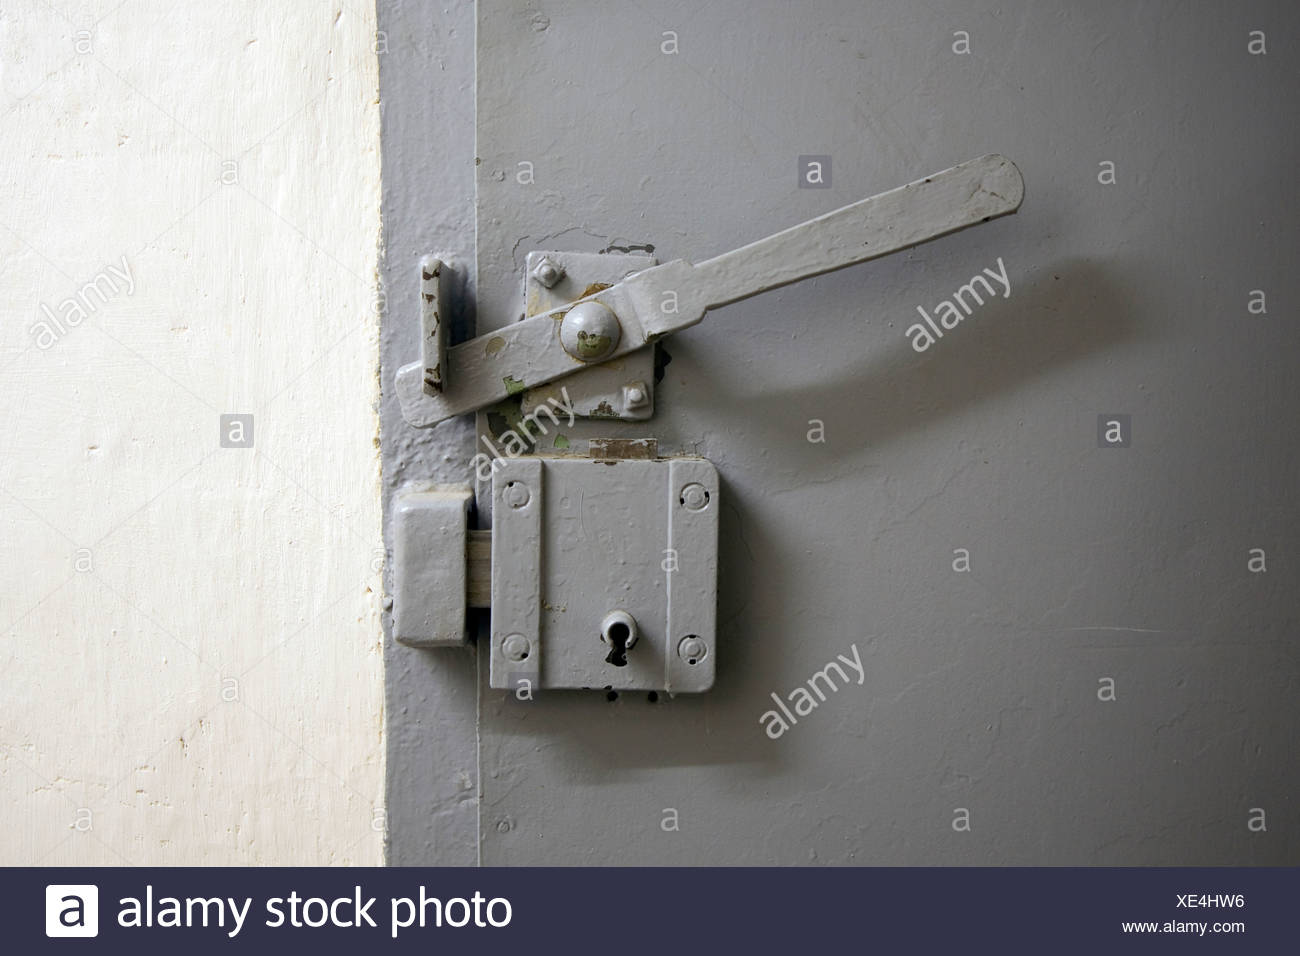 Schloss und Schlüssel, Gedenkstätte Berlin-Hohenschönhausen, ehemaliges Gefängnis der DDR Geheimdienst, Berlin, Deutschland, Europa Stockbild